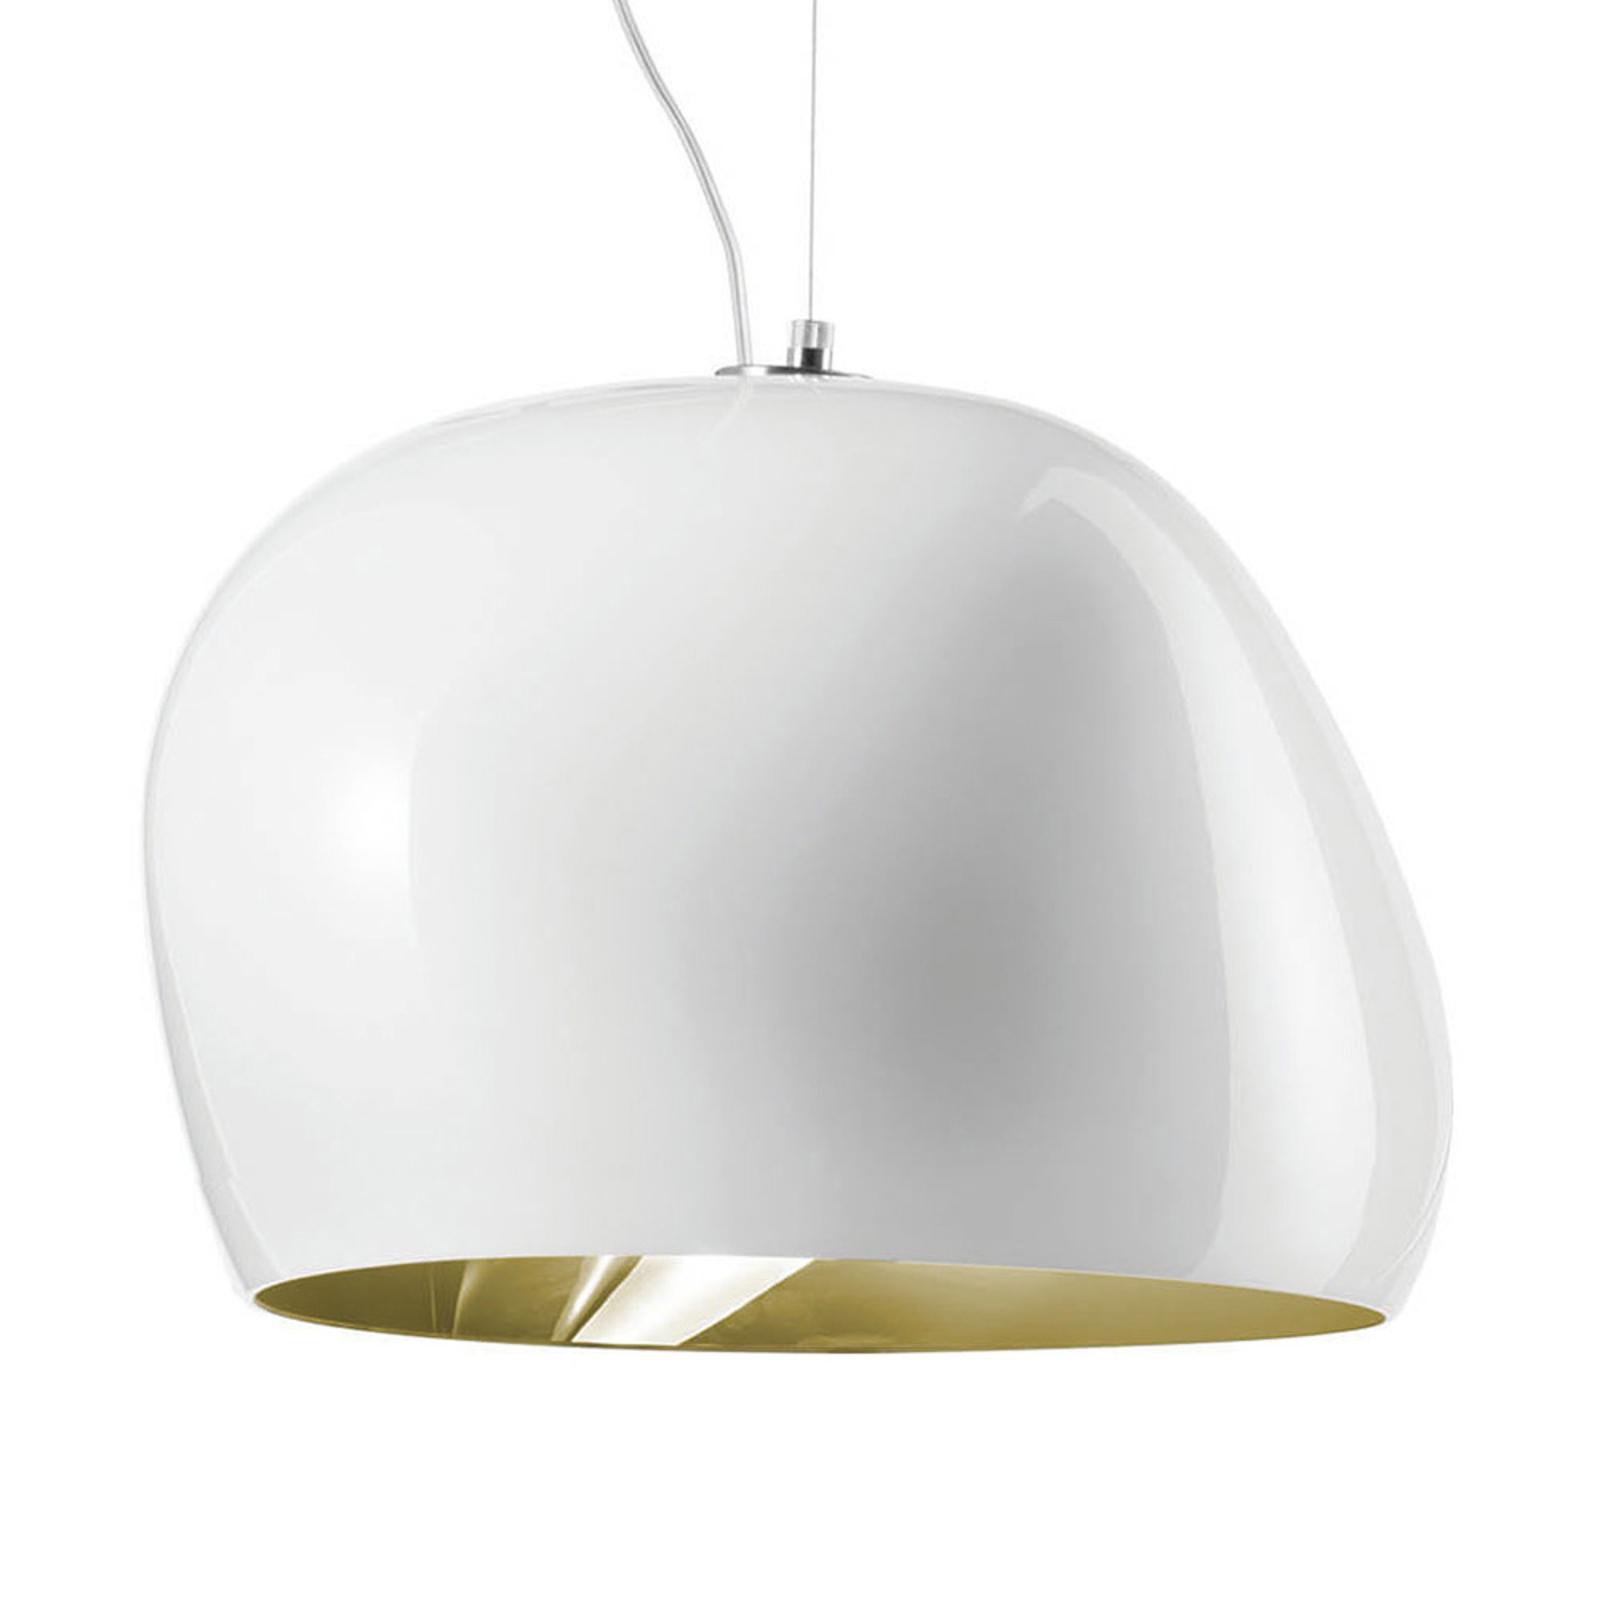 Surface hængelampe Ø 40 cm, E27 hvid, antik grøn